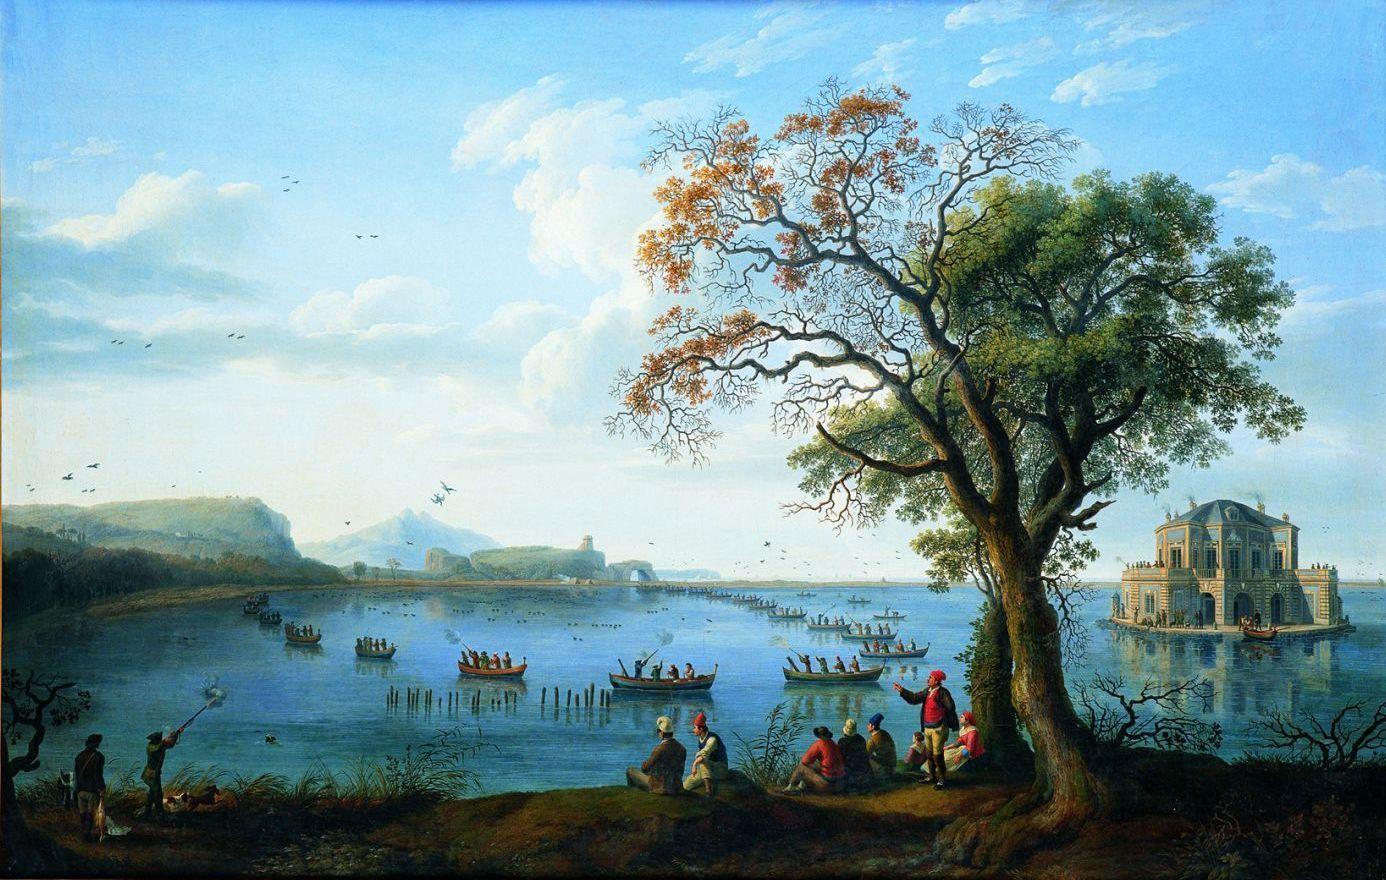 Ferdinando IV a caccia di folaghe sul lago di Fusaro, di Jakob Philipp Hackert  (1737-1807)